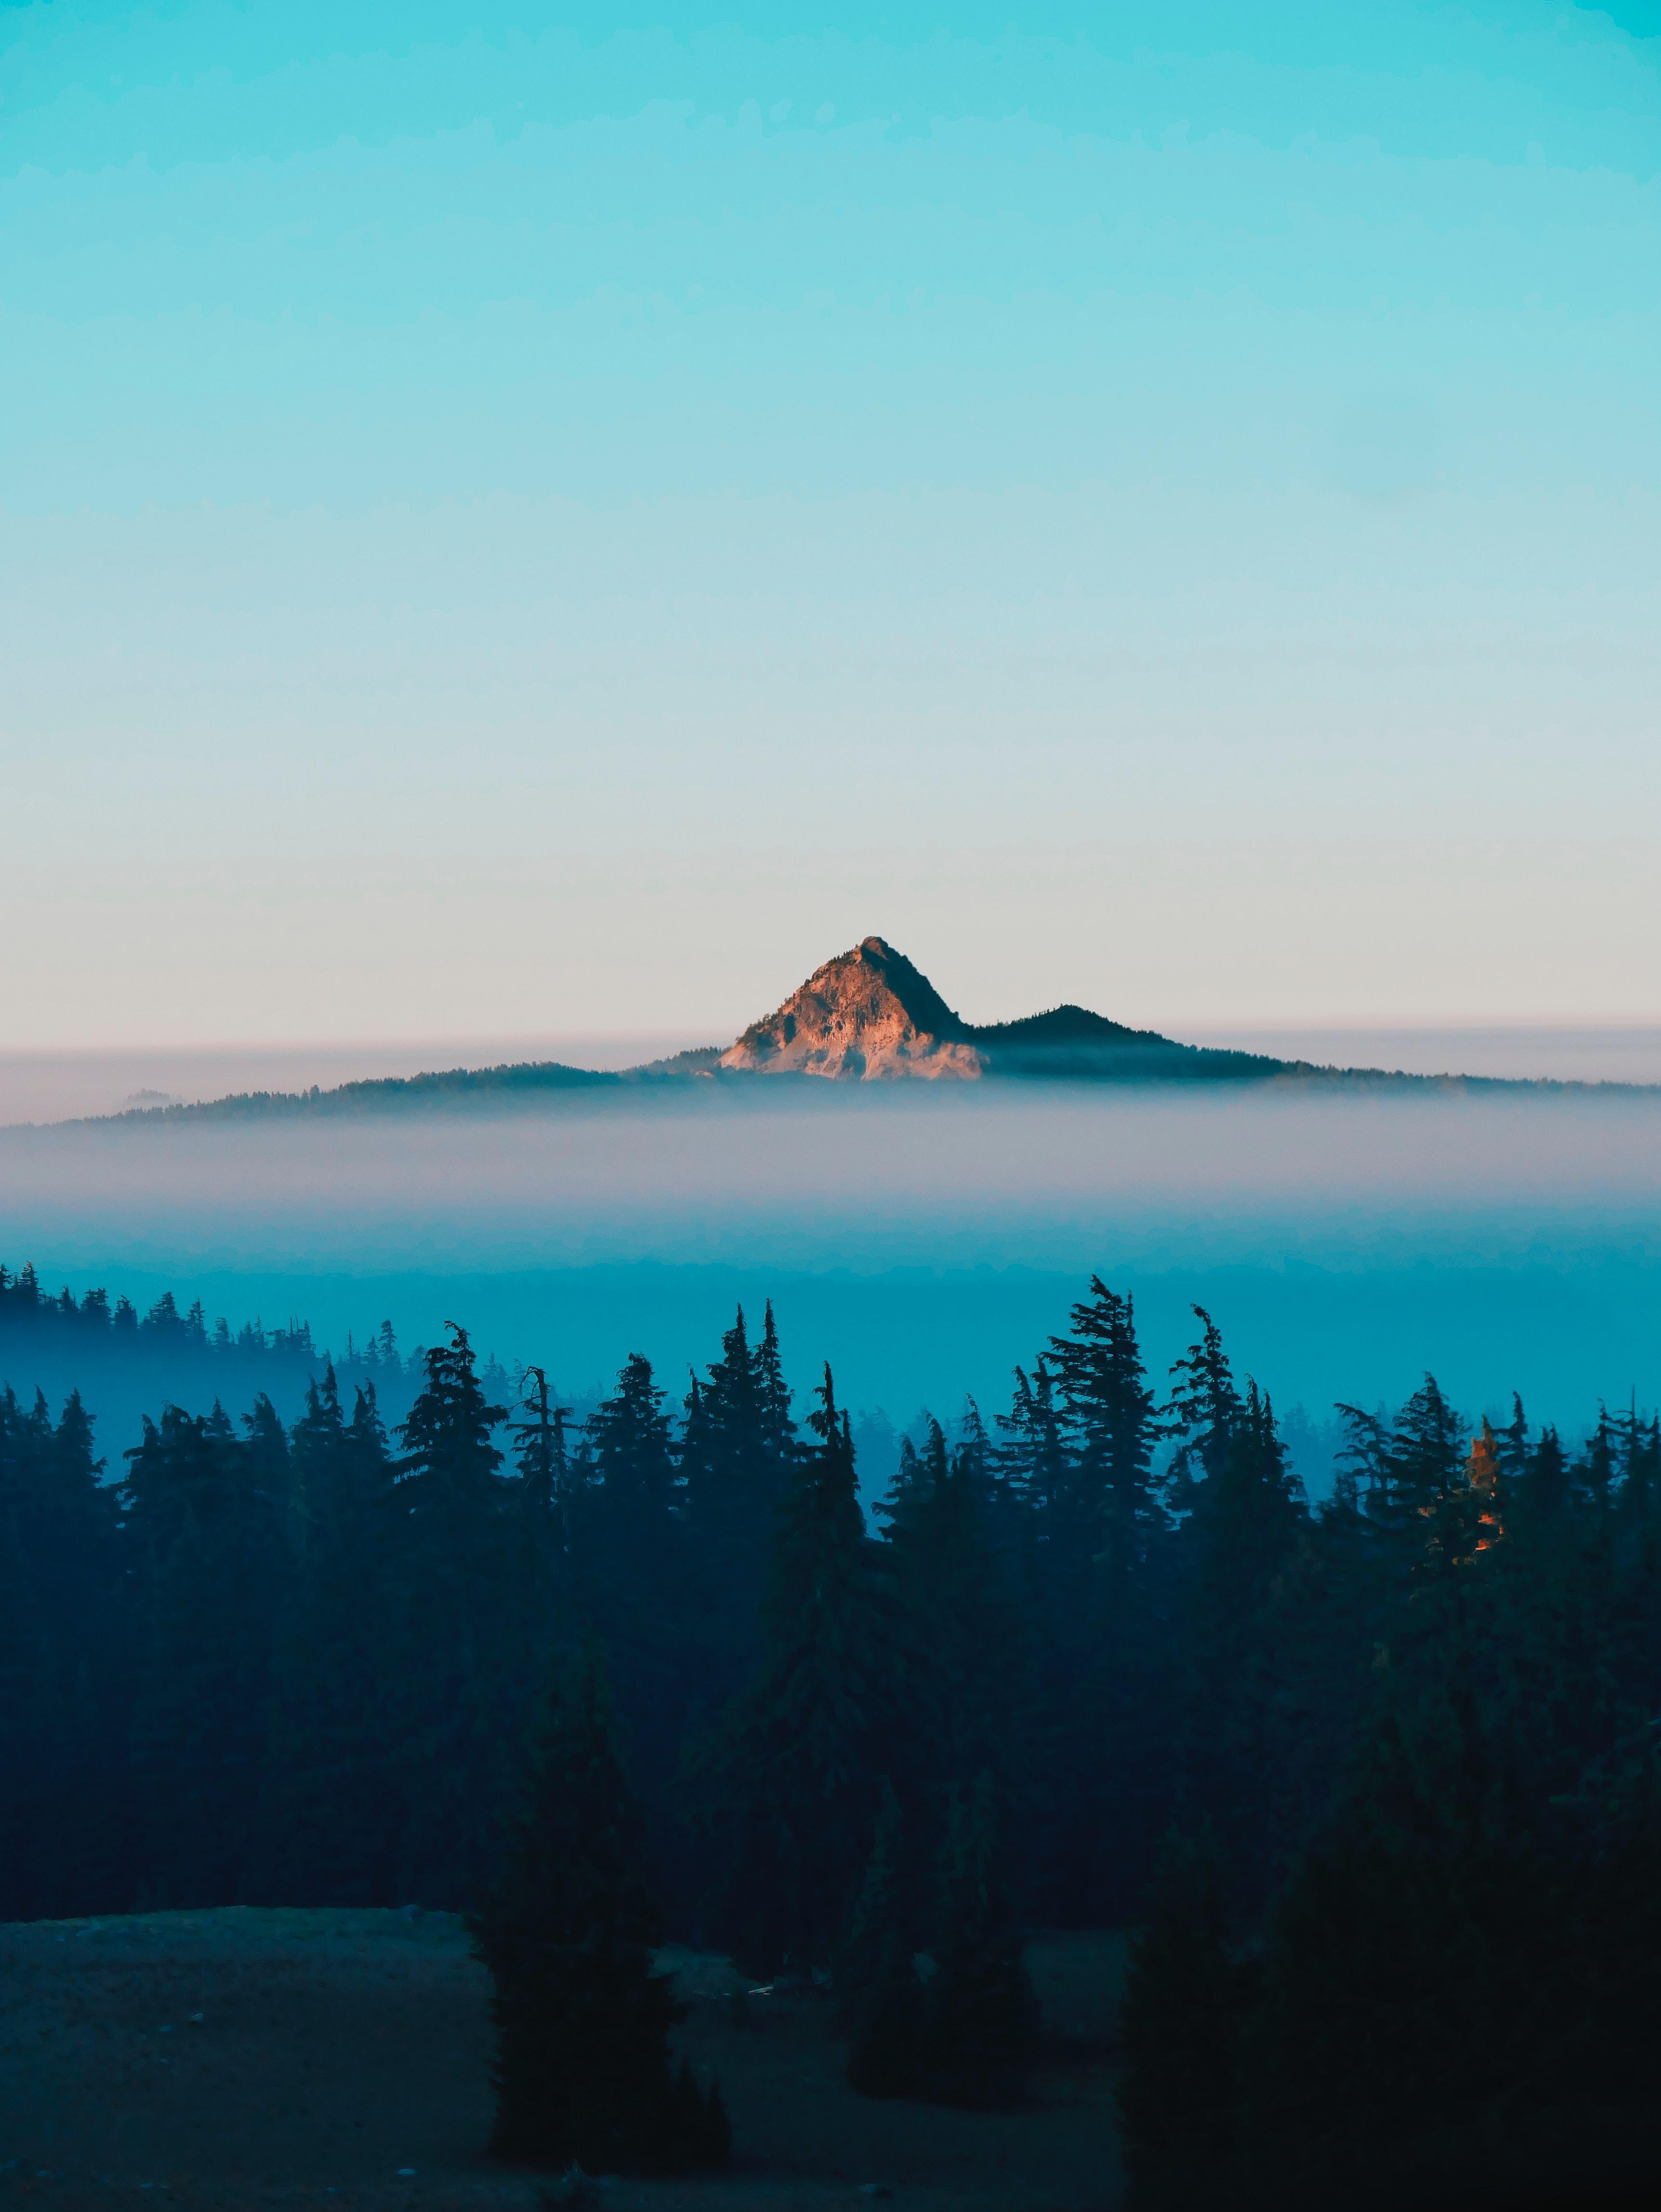 138772 скачать обои Пейзаж, Природа, Деревья, Гора, Вершина, Туман - заставки и картинки бесплатно